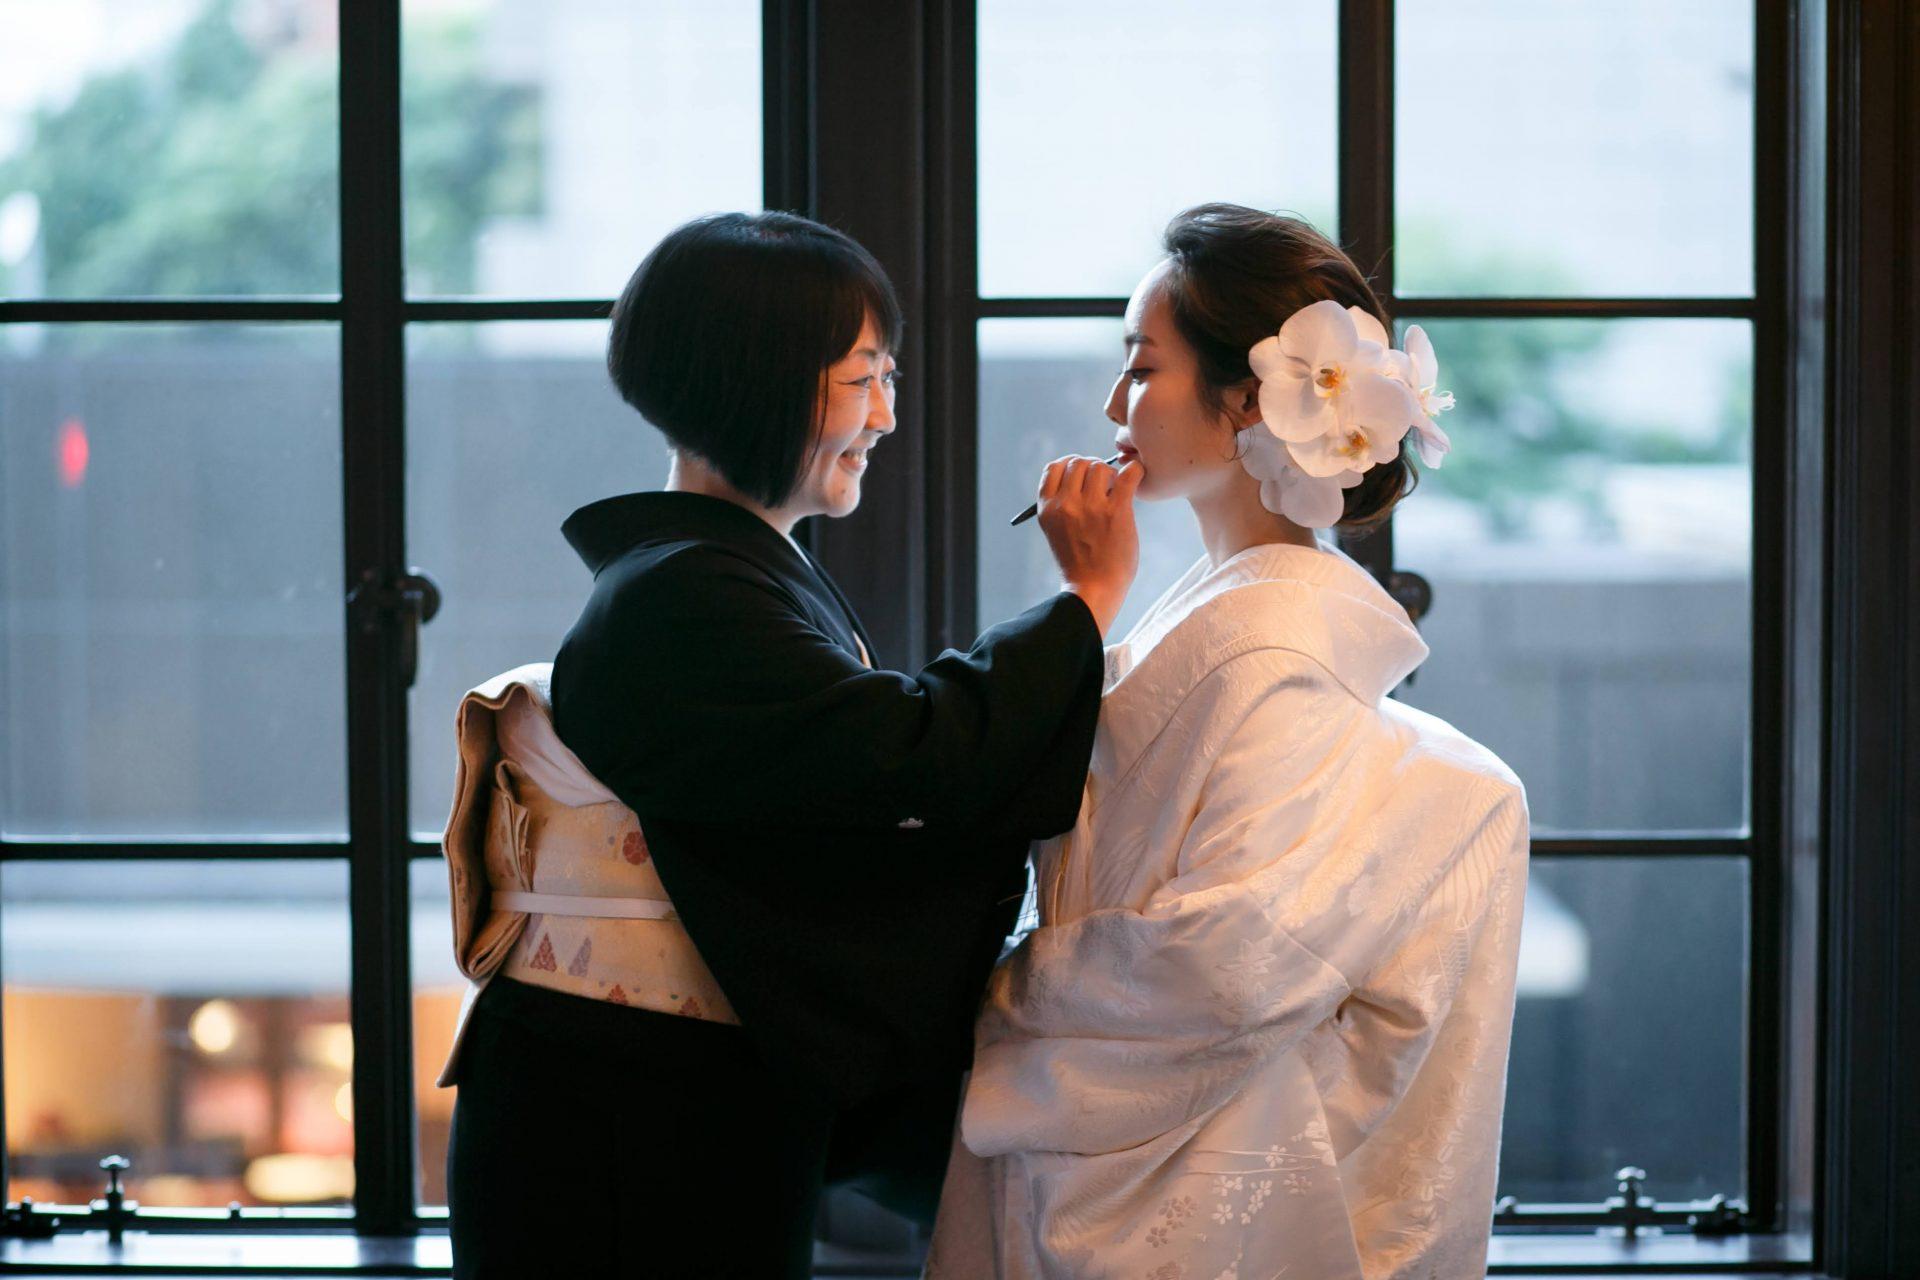 赤坂プリンスクラシックハウスで親族のみの少人数で行った結婚式は白無垢での和装人前式で、挙式前に行った紅差しの儀は母と娘の大切な時間となりました